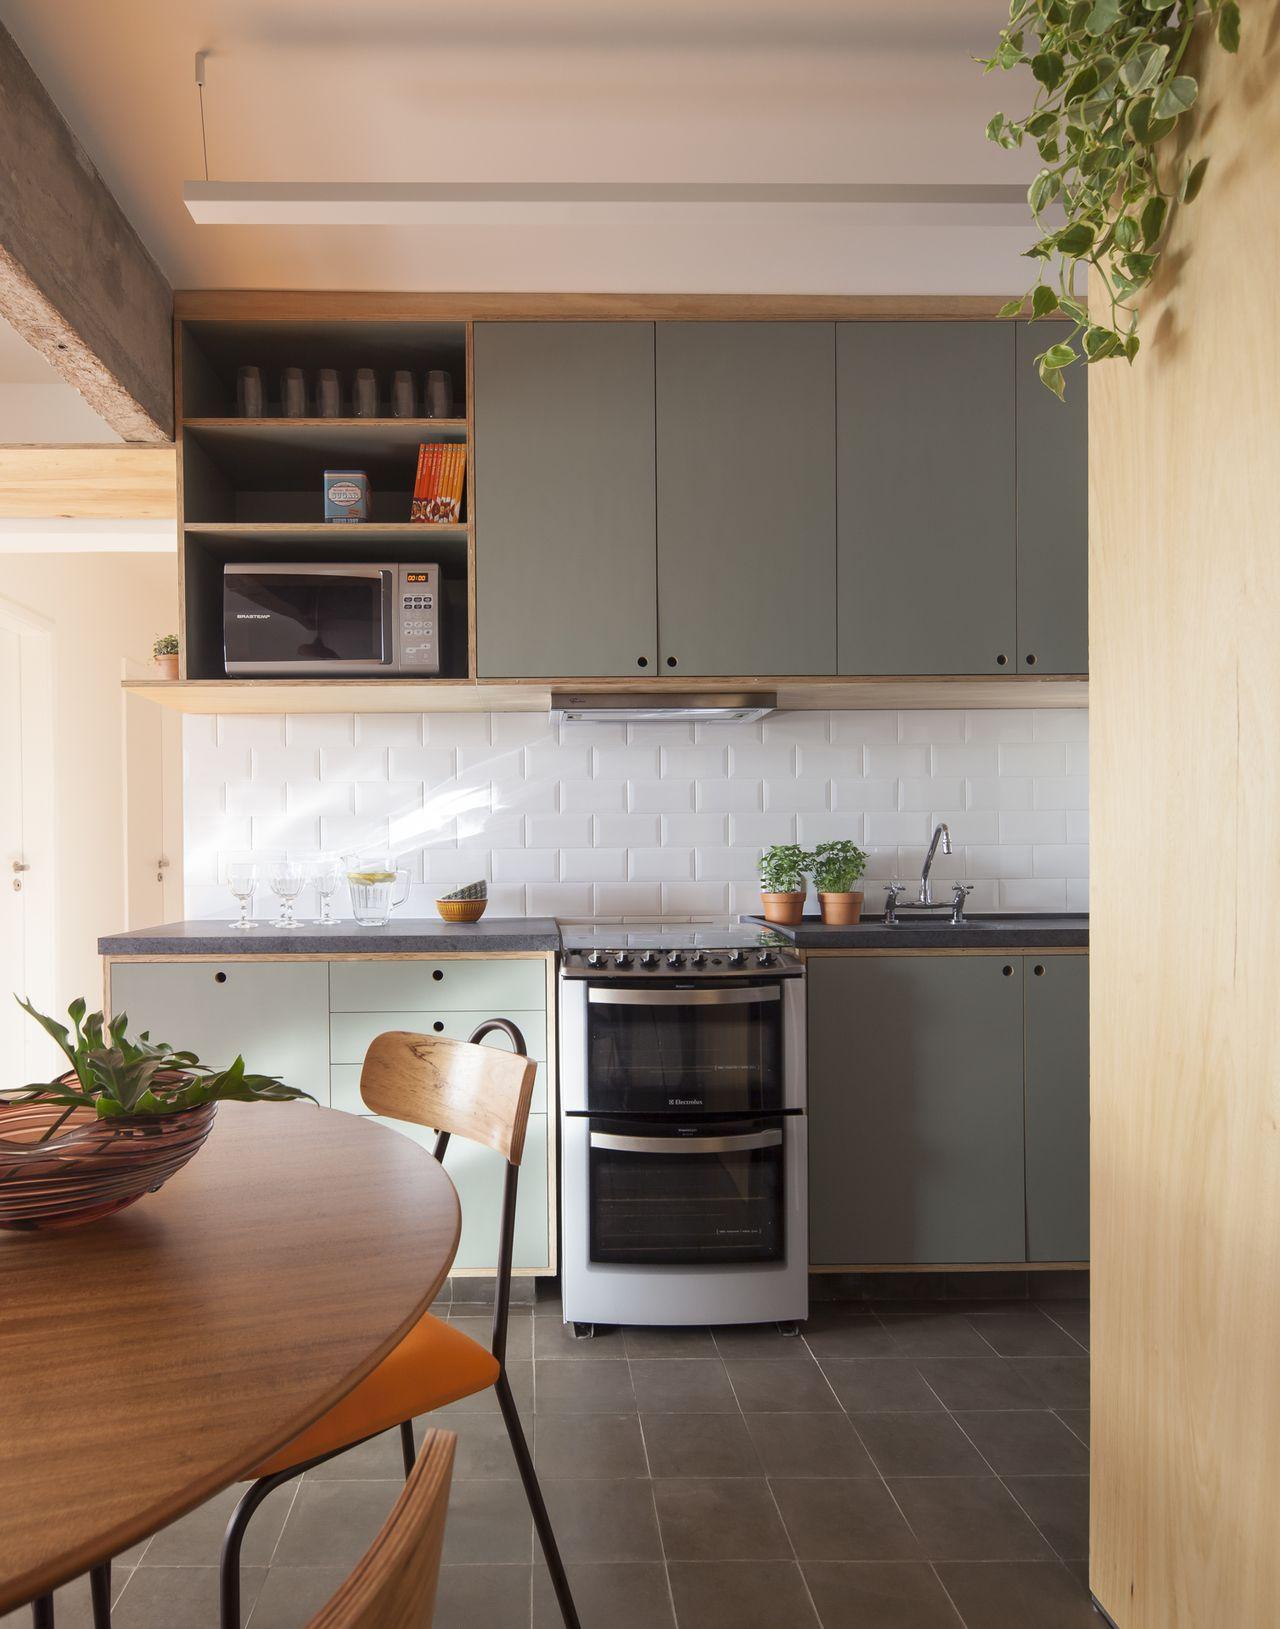 Cozinha Planejada Clean Awesome Construindo Minha Casa Clean